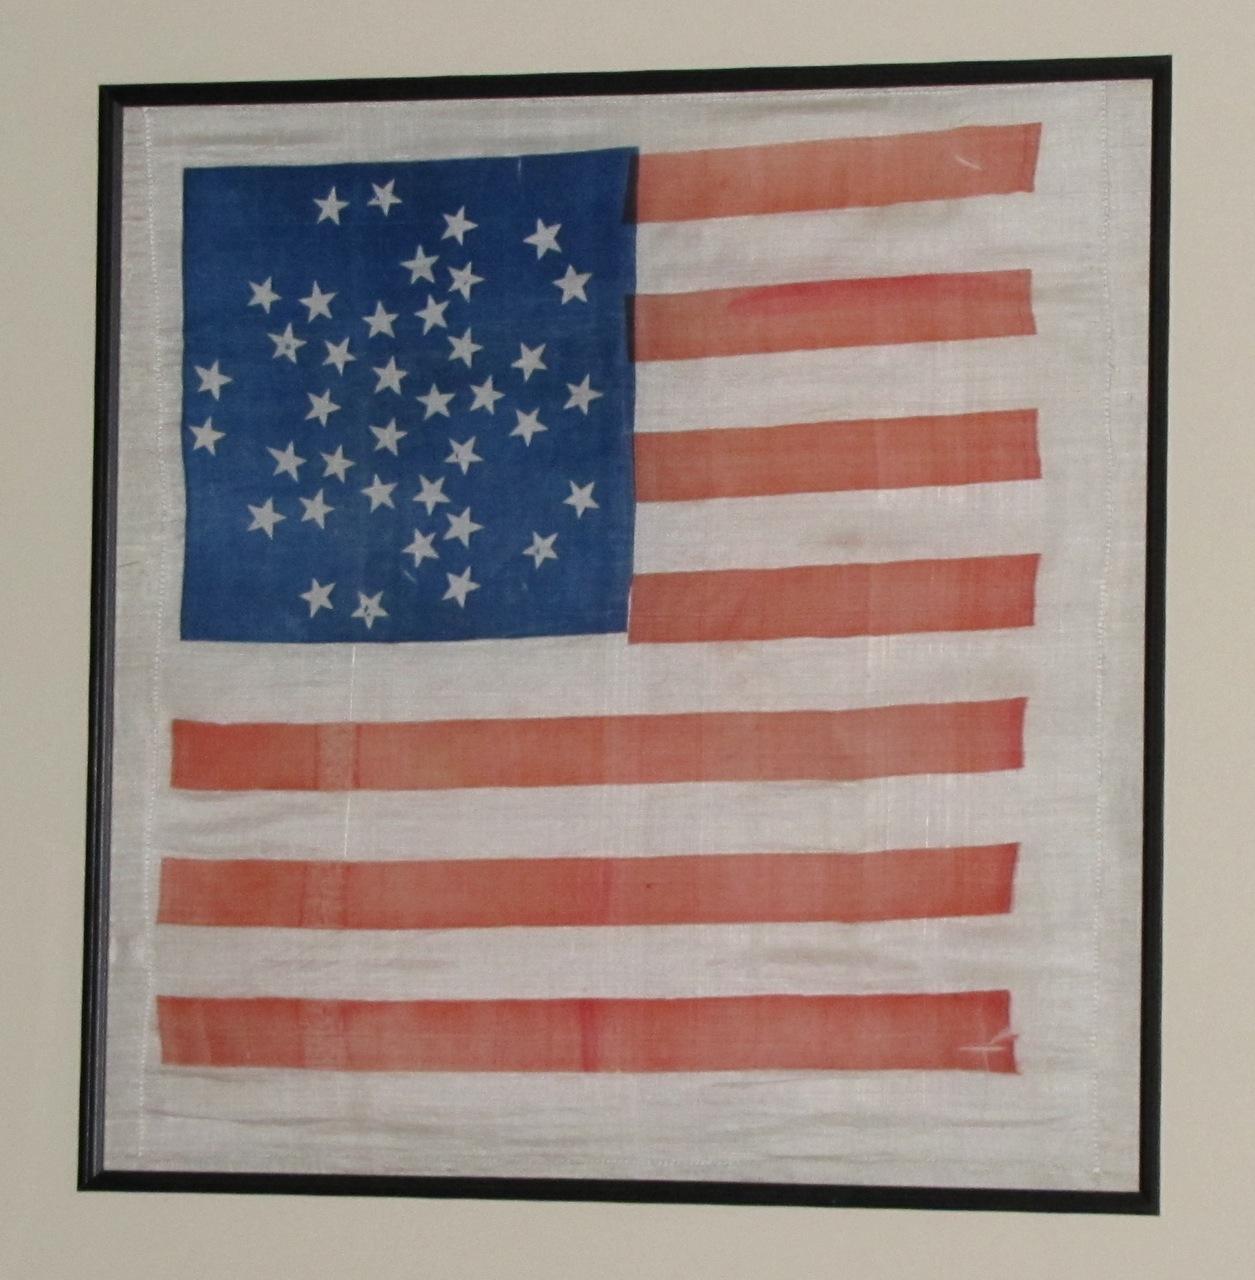 ANTIQUE FLAG IMAGE